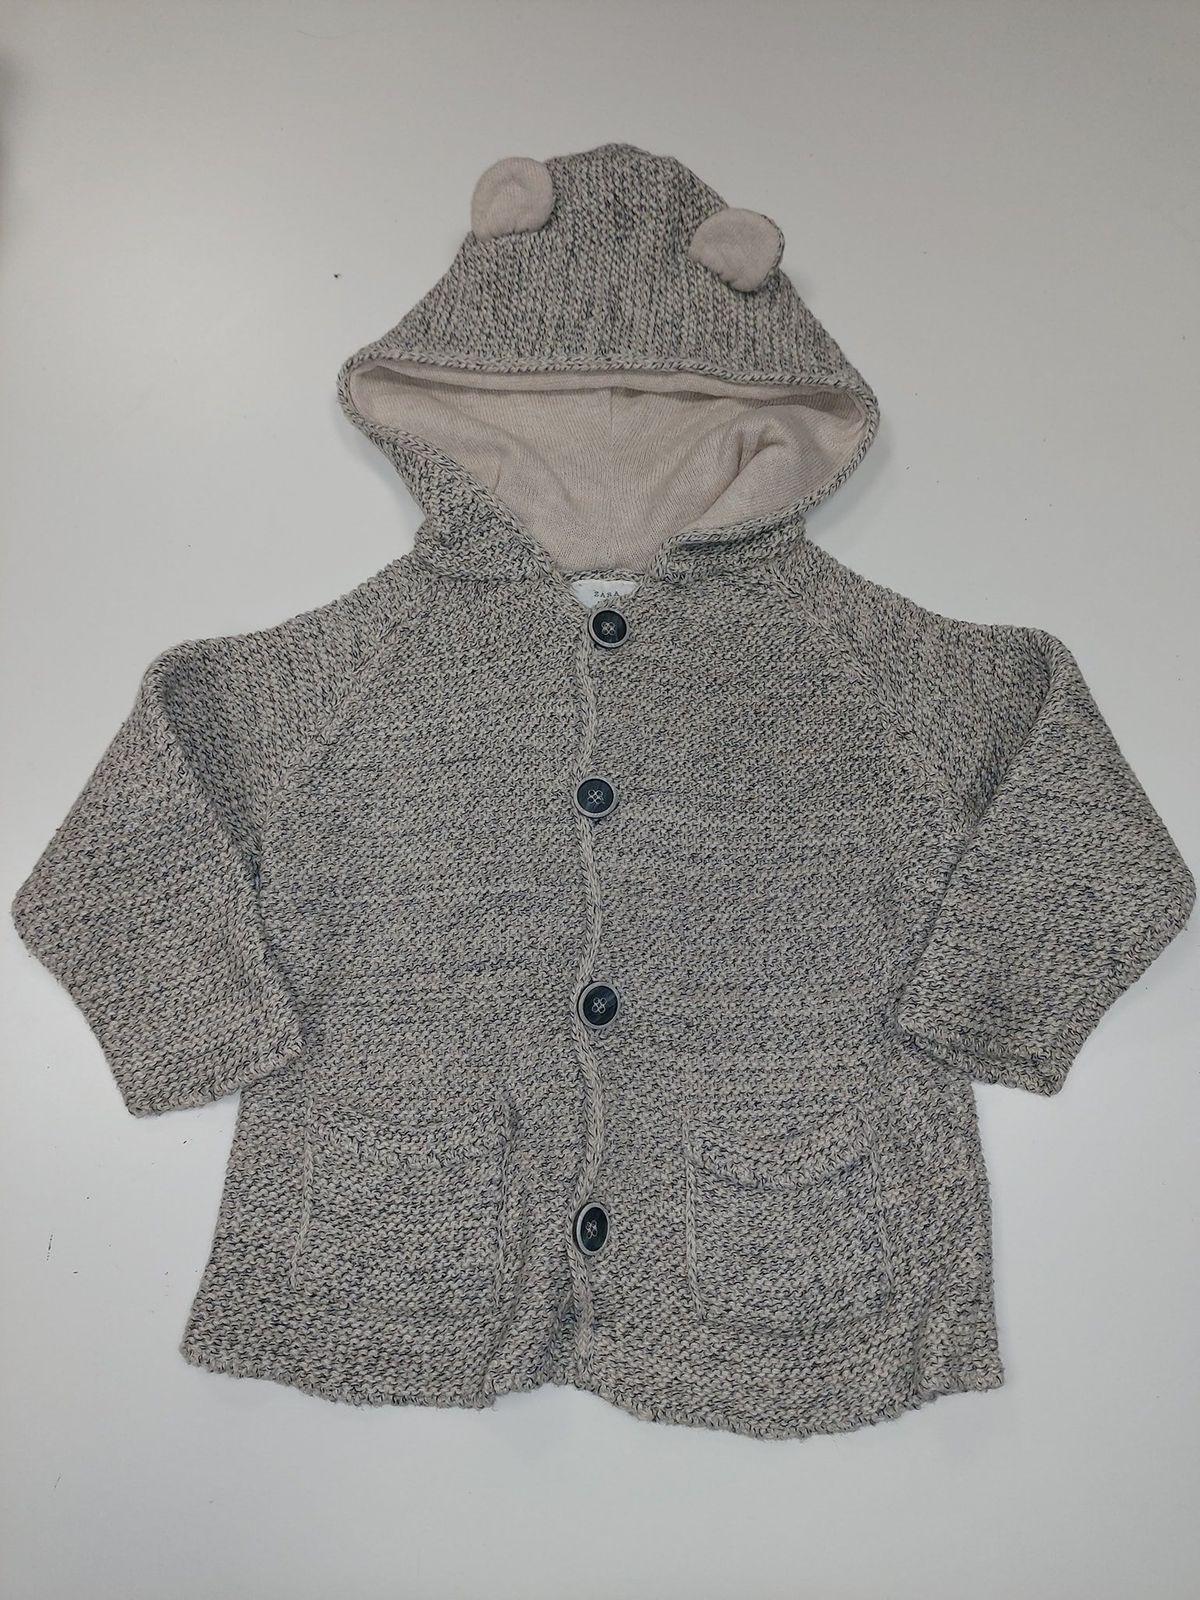 Zara giacchetto cotone 12/18 mesi € 14,00 13951